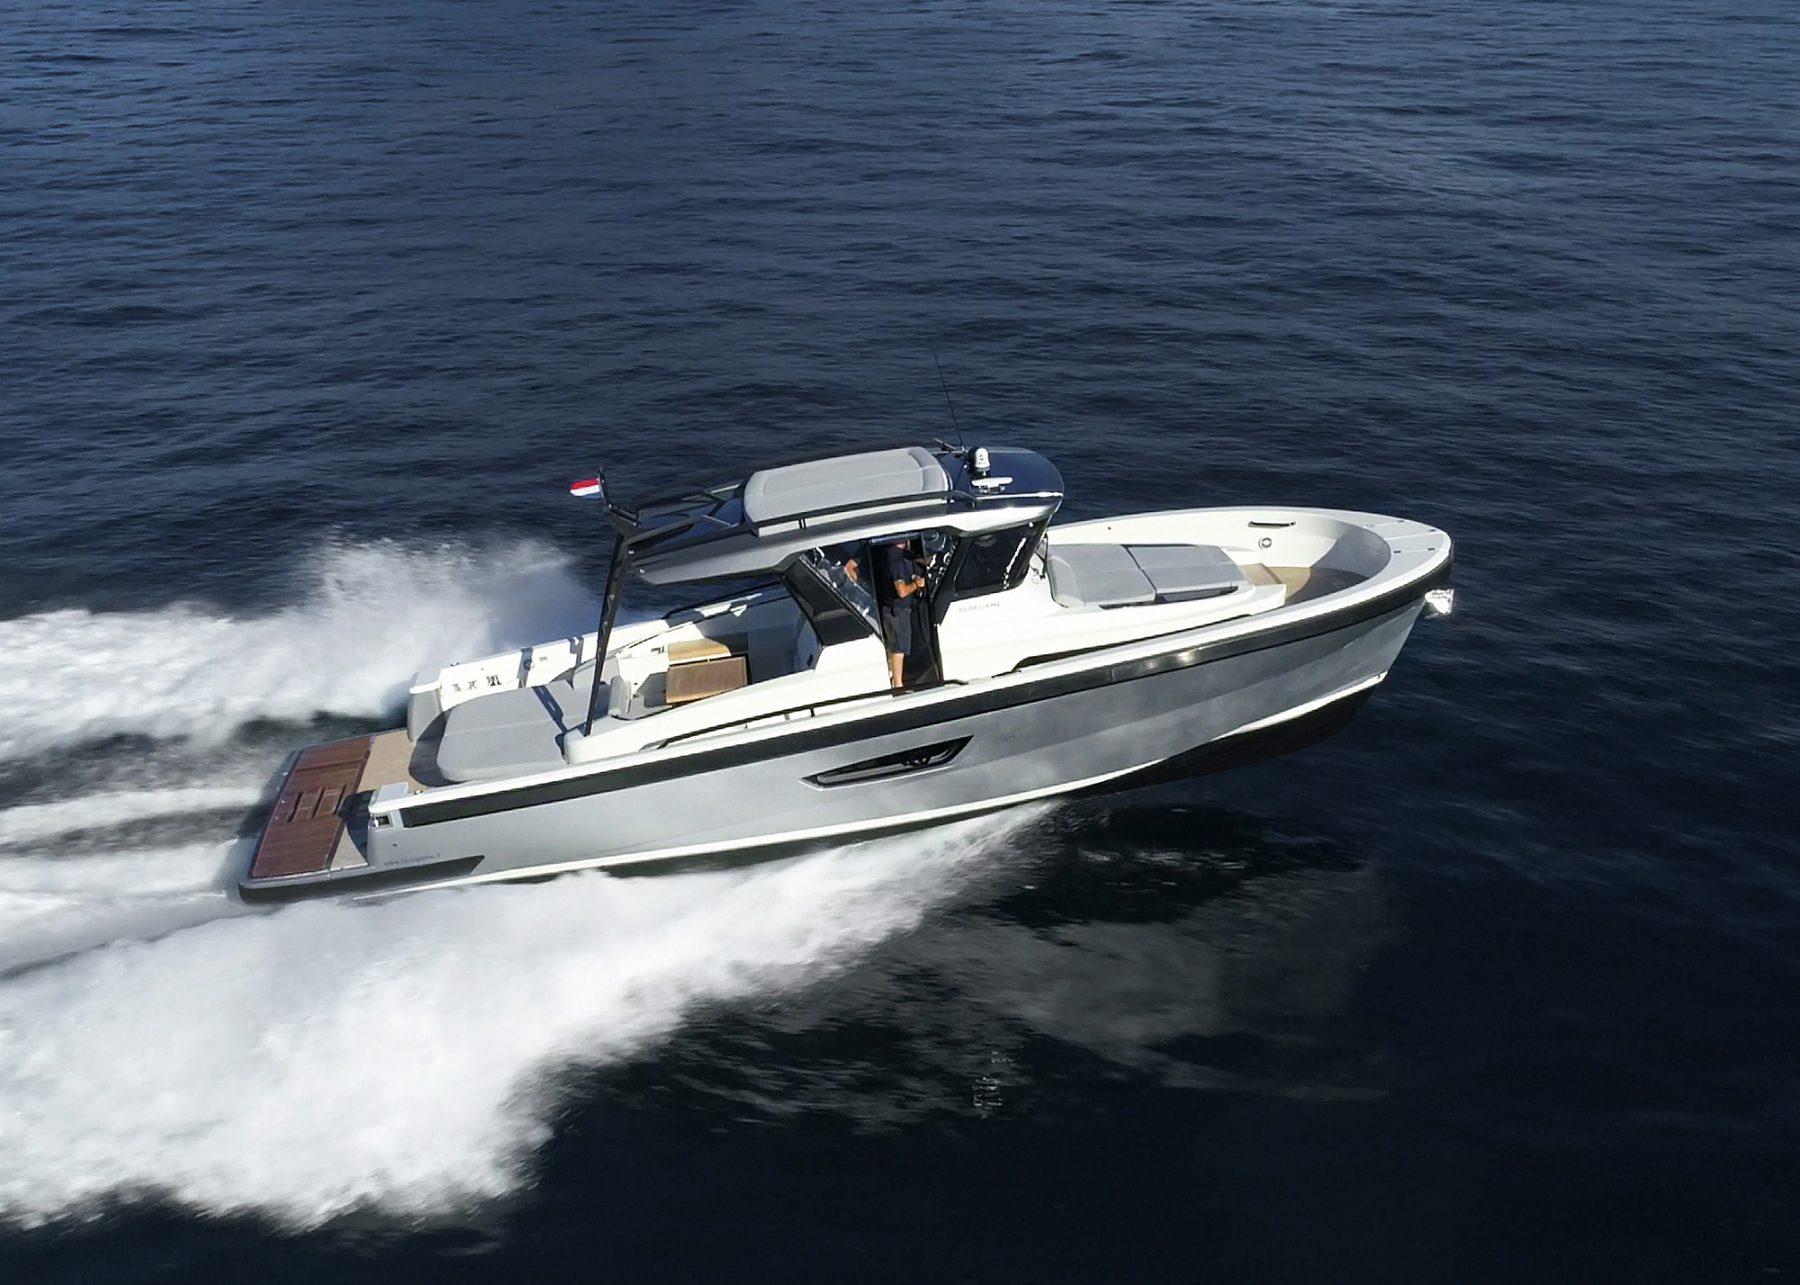 Simpson Marine - BG42